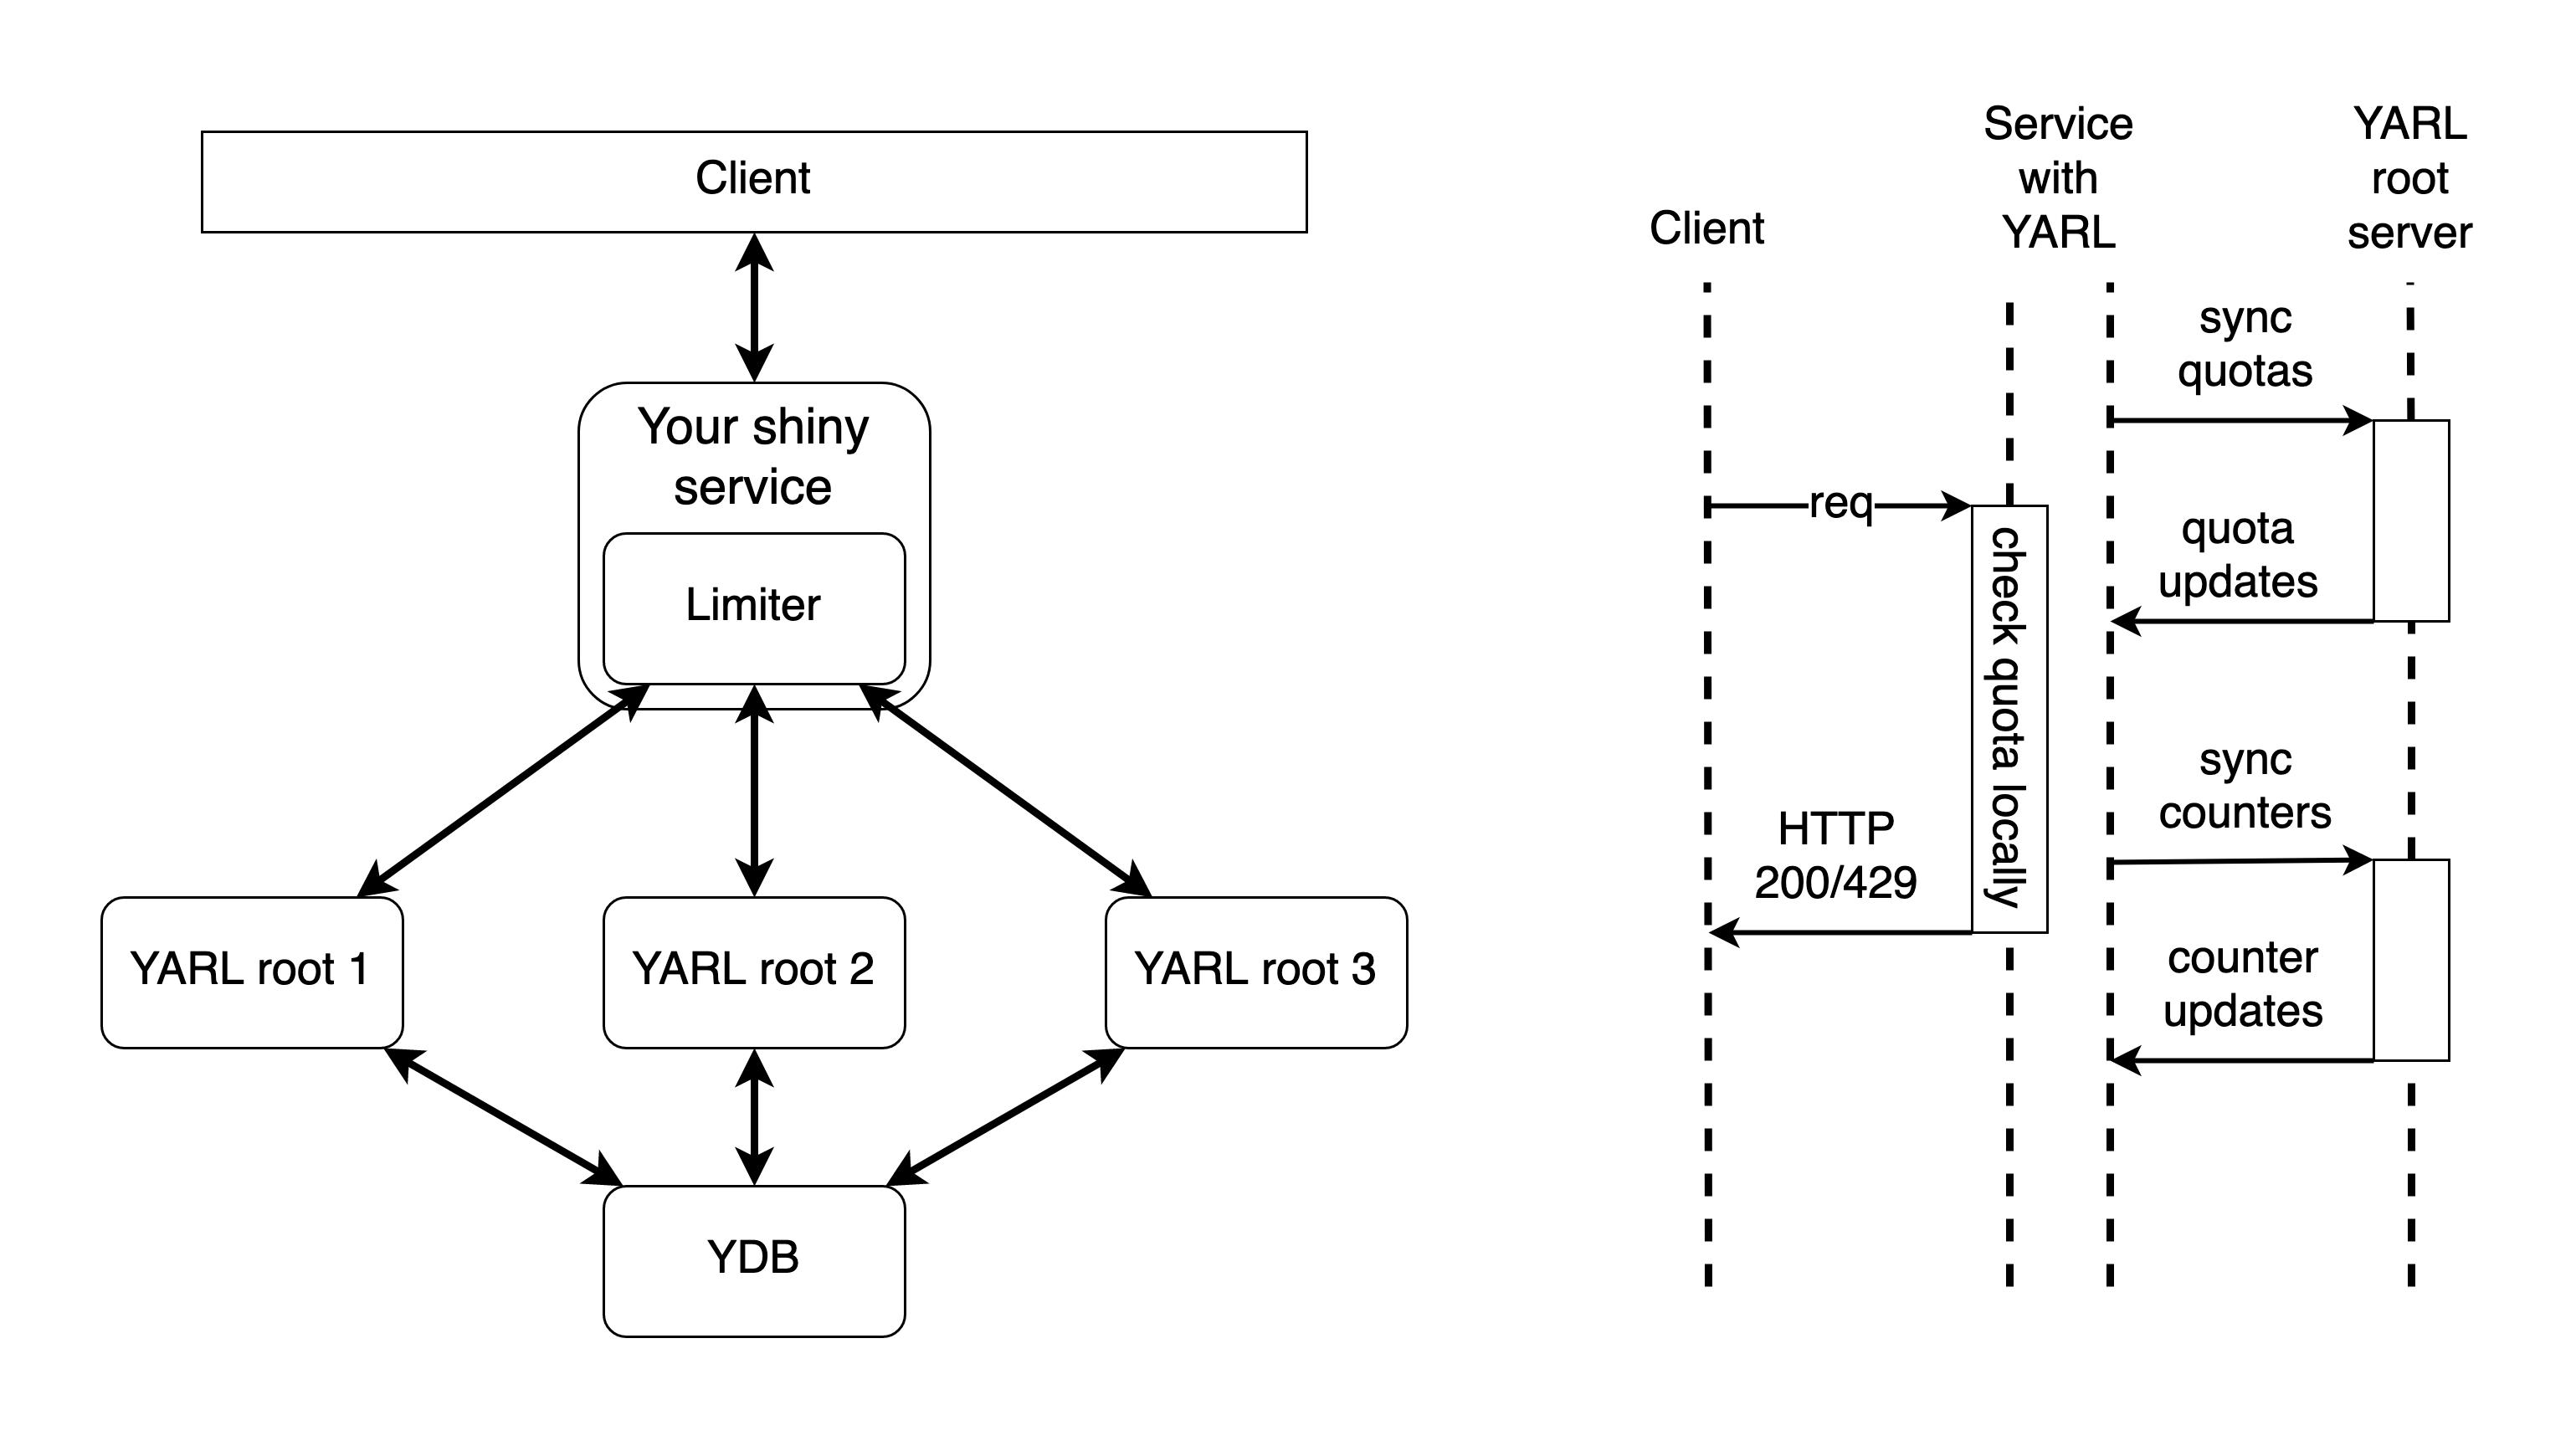 YARL: как Яндекс построил распределённый Rate Limiter с нулевым влиянием на время ответа сервисов - 7